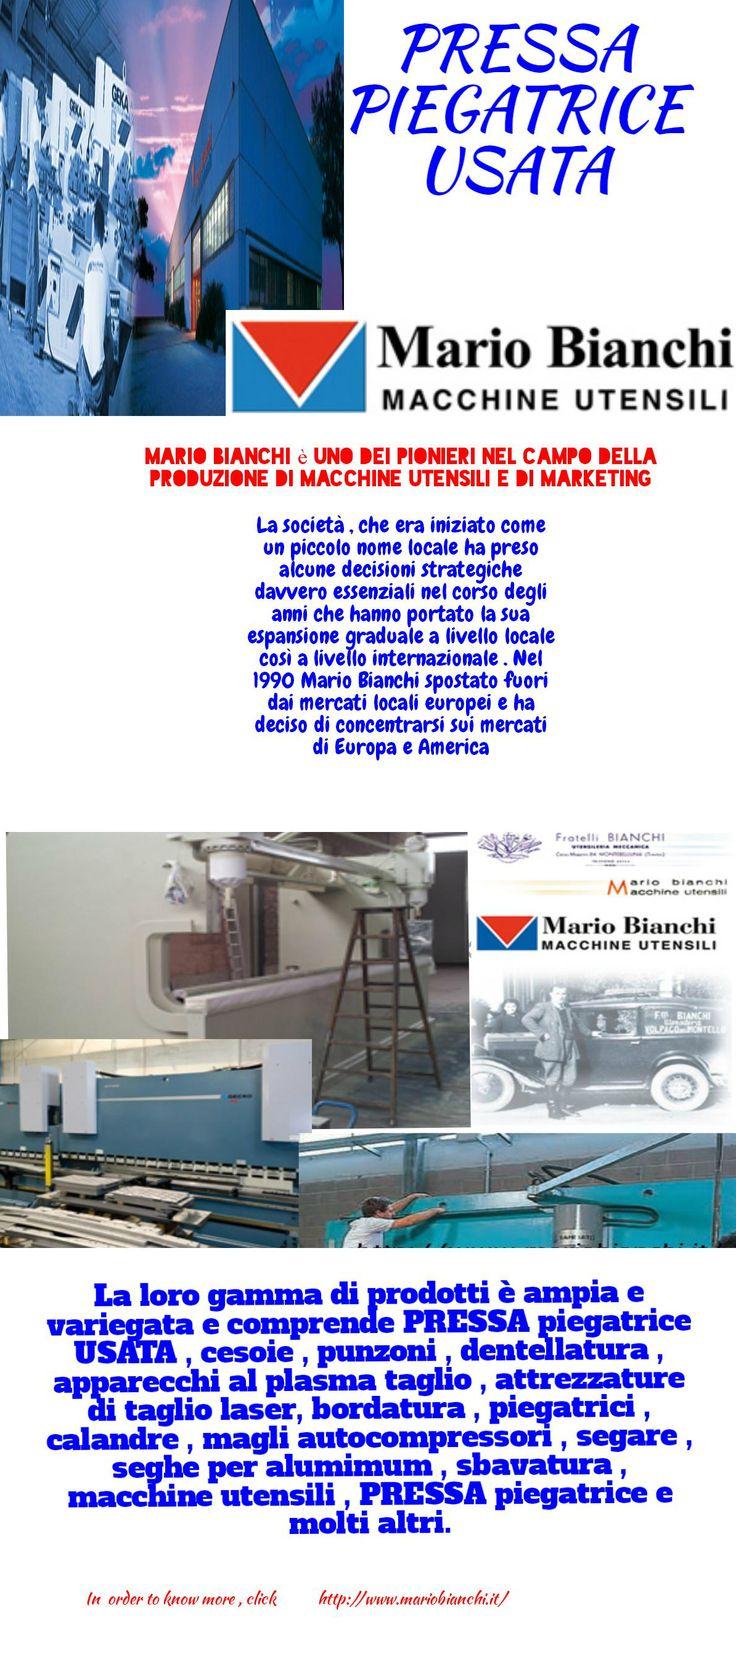 Al portafoglio di prodotti Mario Bianchi è ampia e variegata e comprende PRESSA piegatrice USATA , cesoie , punzoni , dentellatura , attrezzature taglio al plasma , macchine taglio laser . Per ulteriori ERAD questa infografica